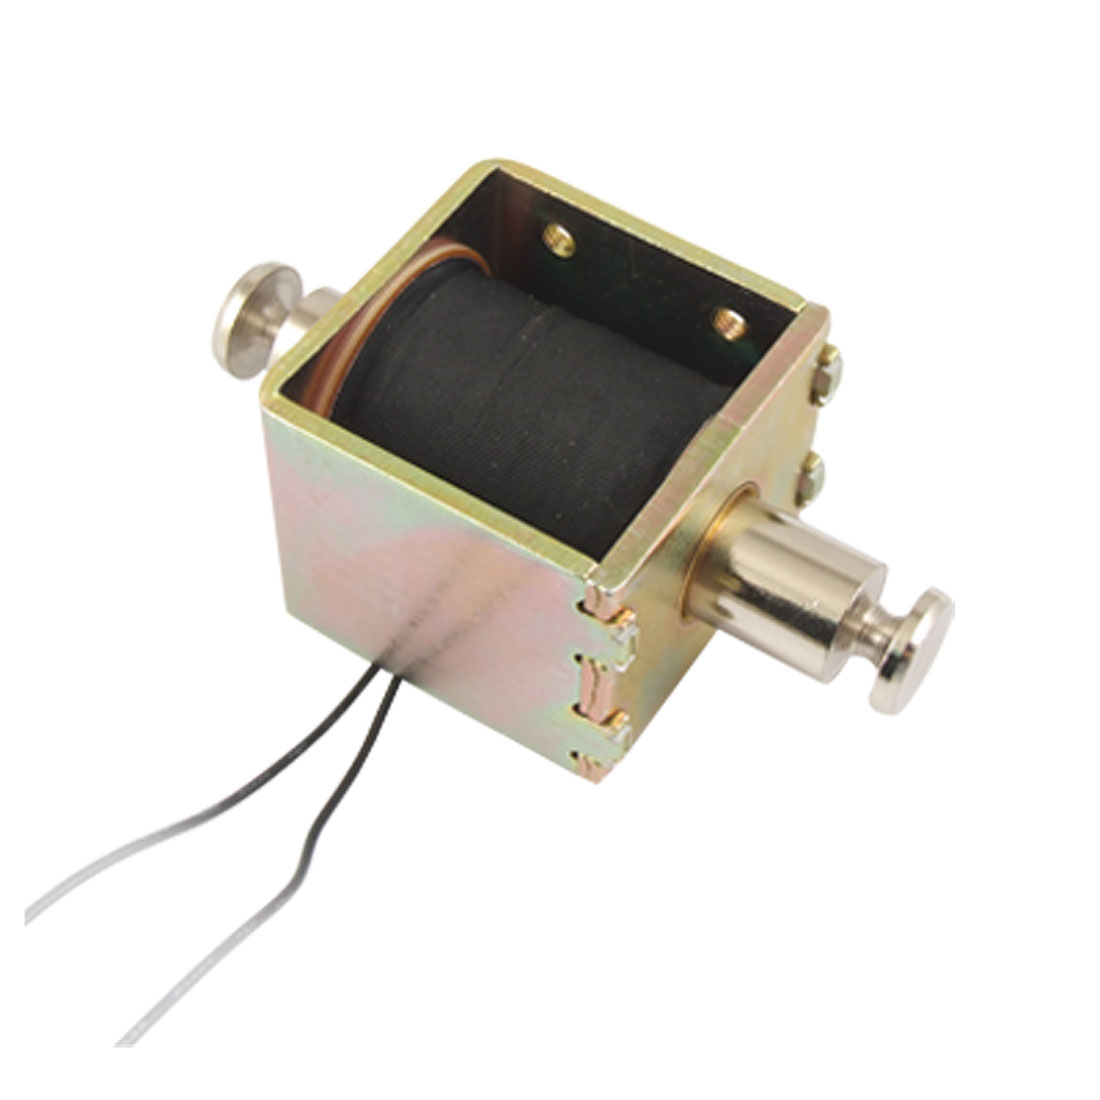 DC 24V 0.67A 3mm Stroke Open Frame Electric Solenoid Electromagnet